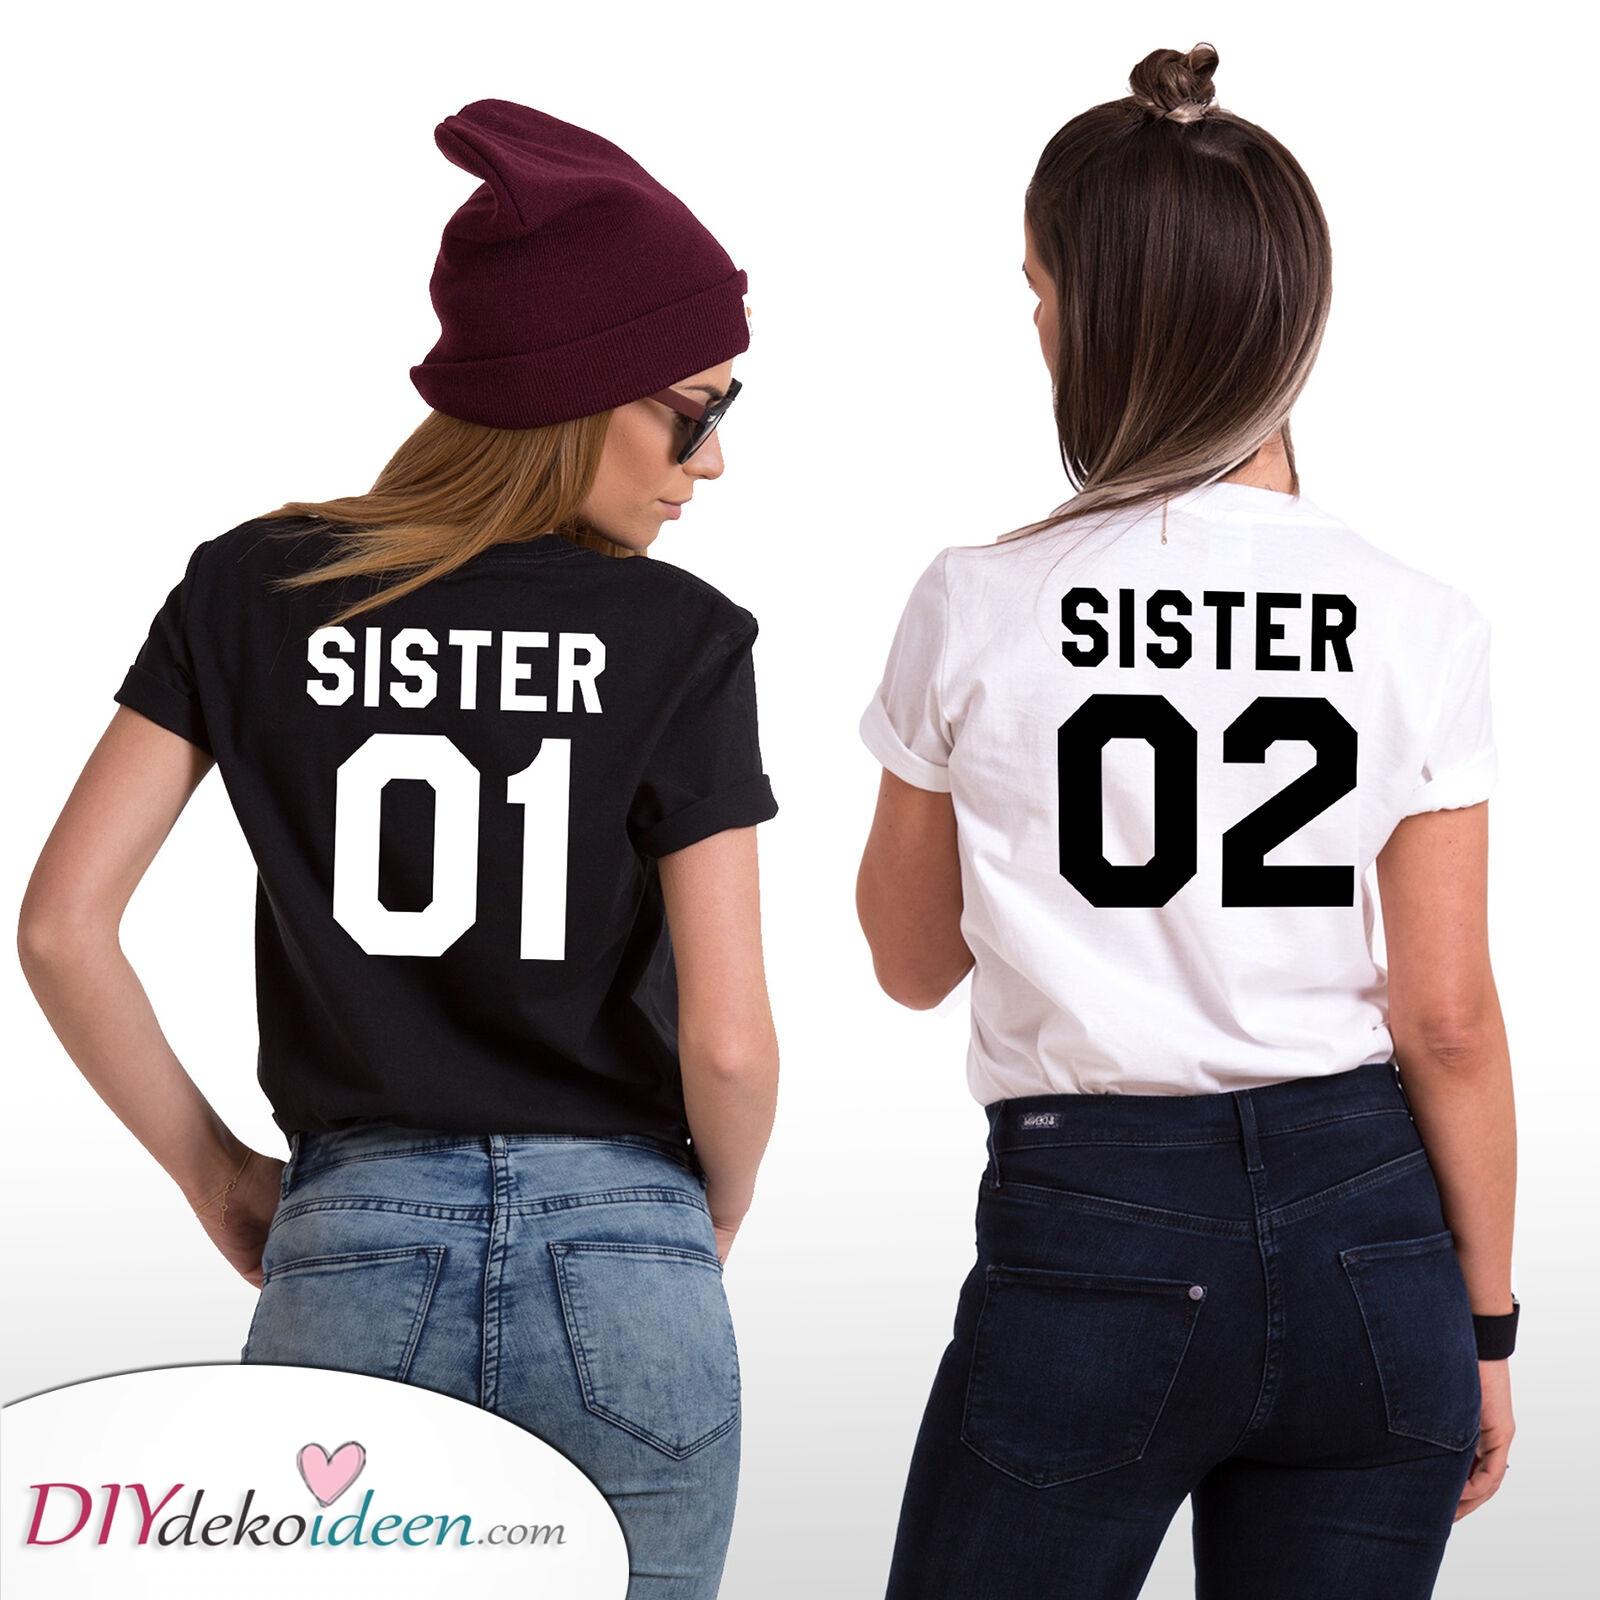 Passende T-Shirts – Perfekt für Geschwister